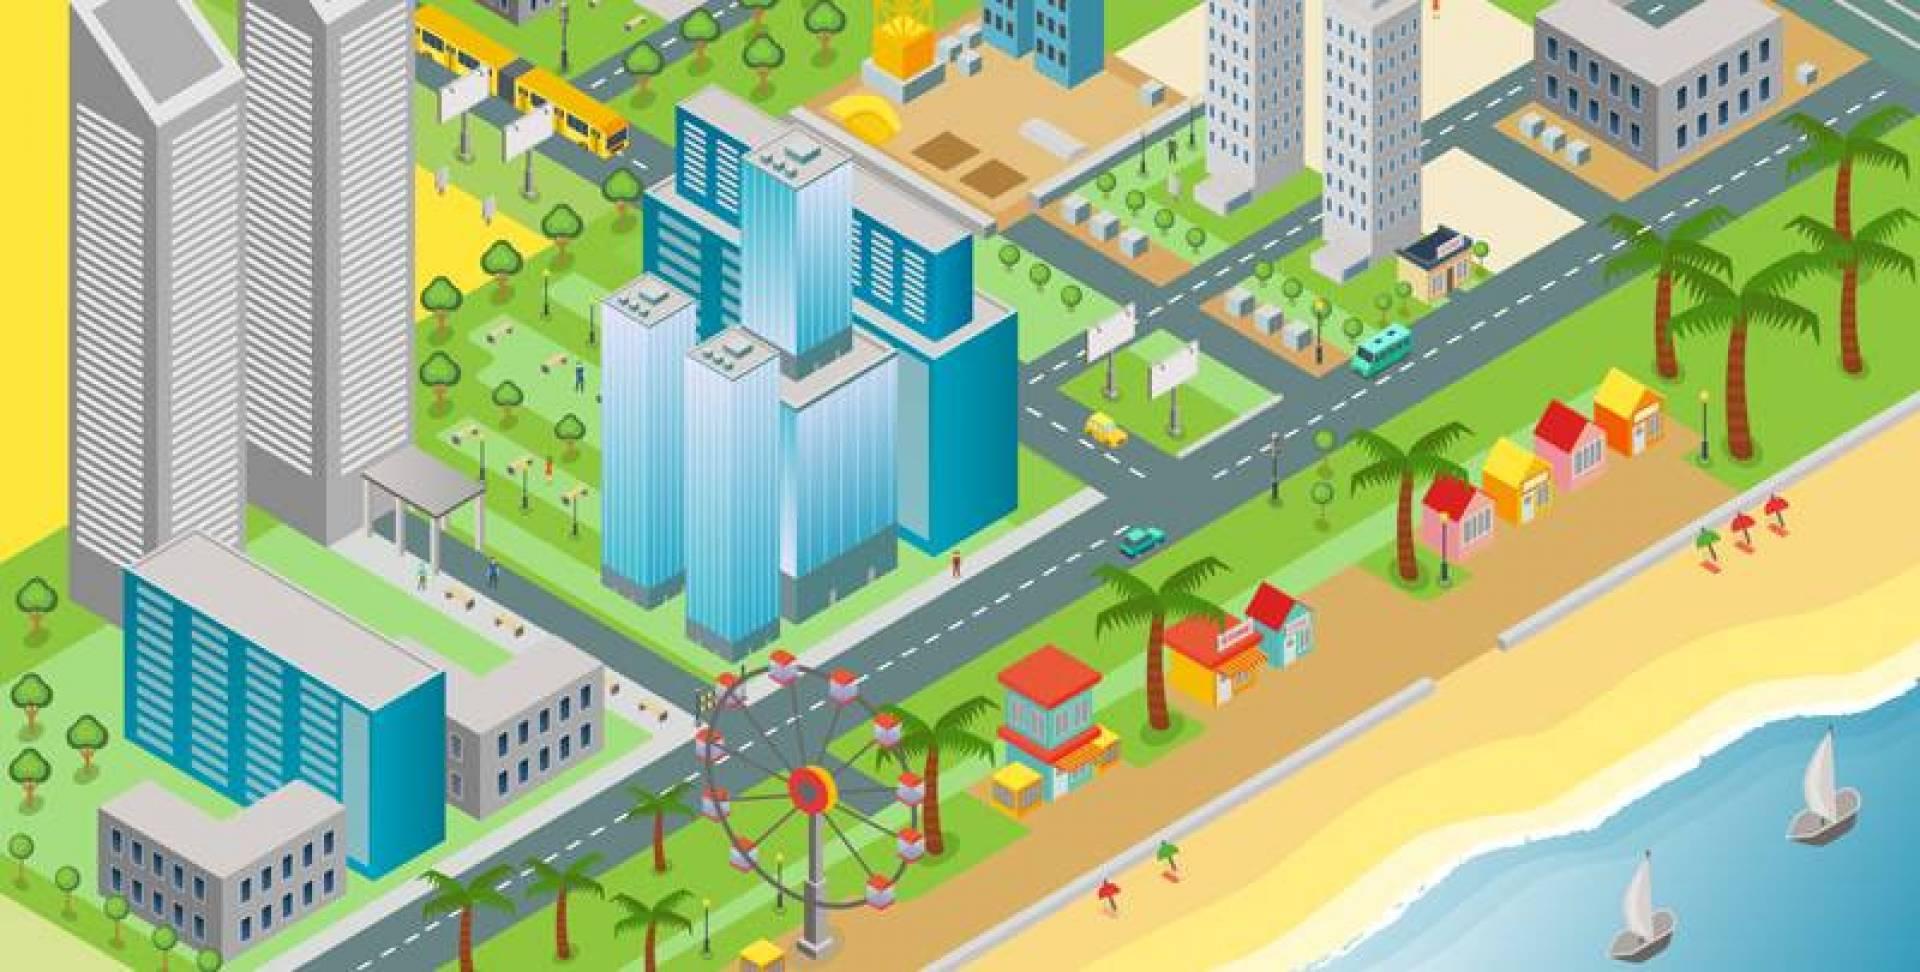 «المزايا»: المدن الاقتصادية حلول عقارية تتحمَّلها الحكومات